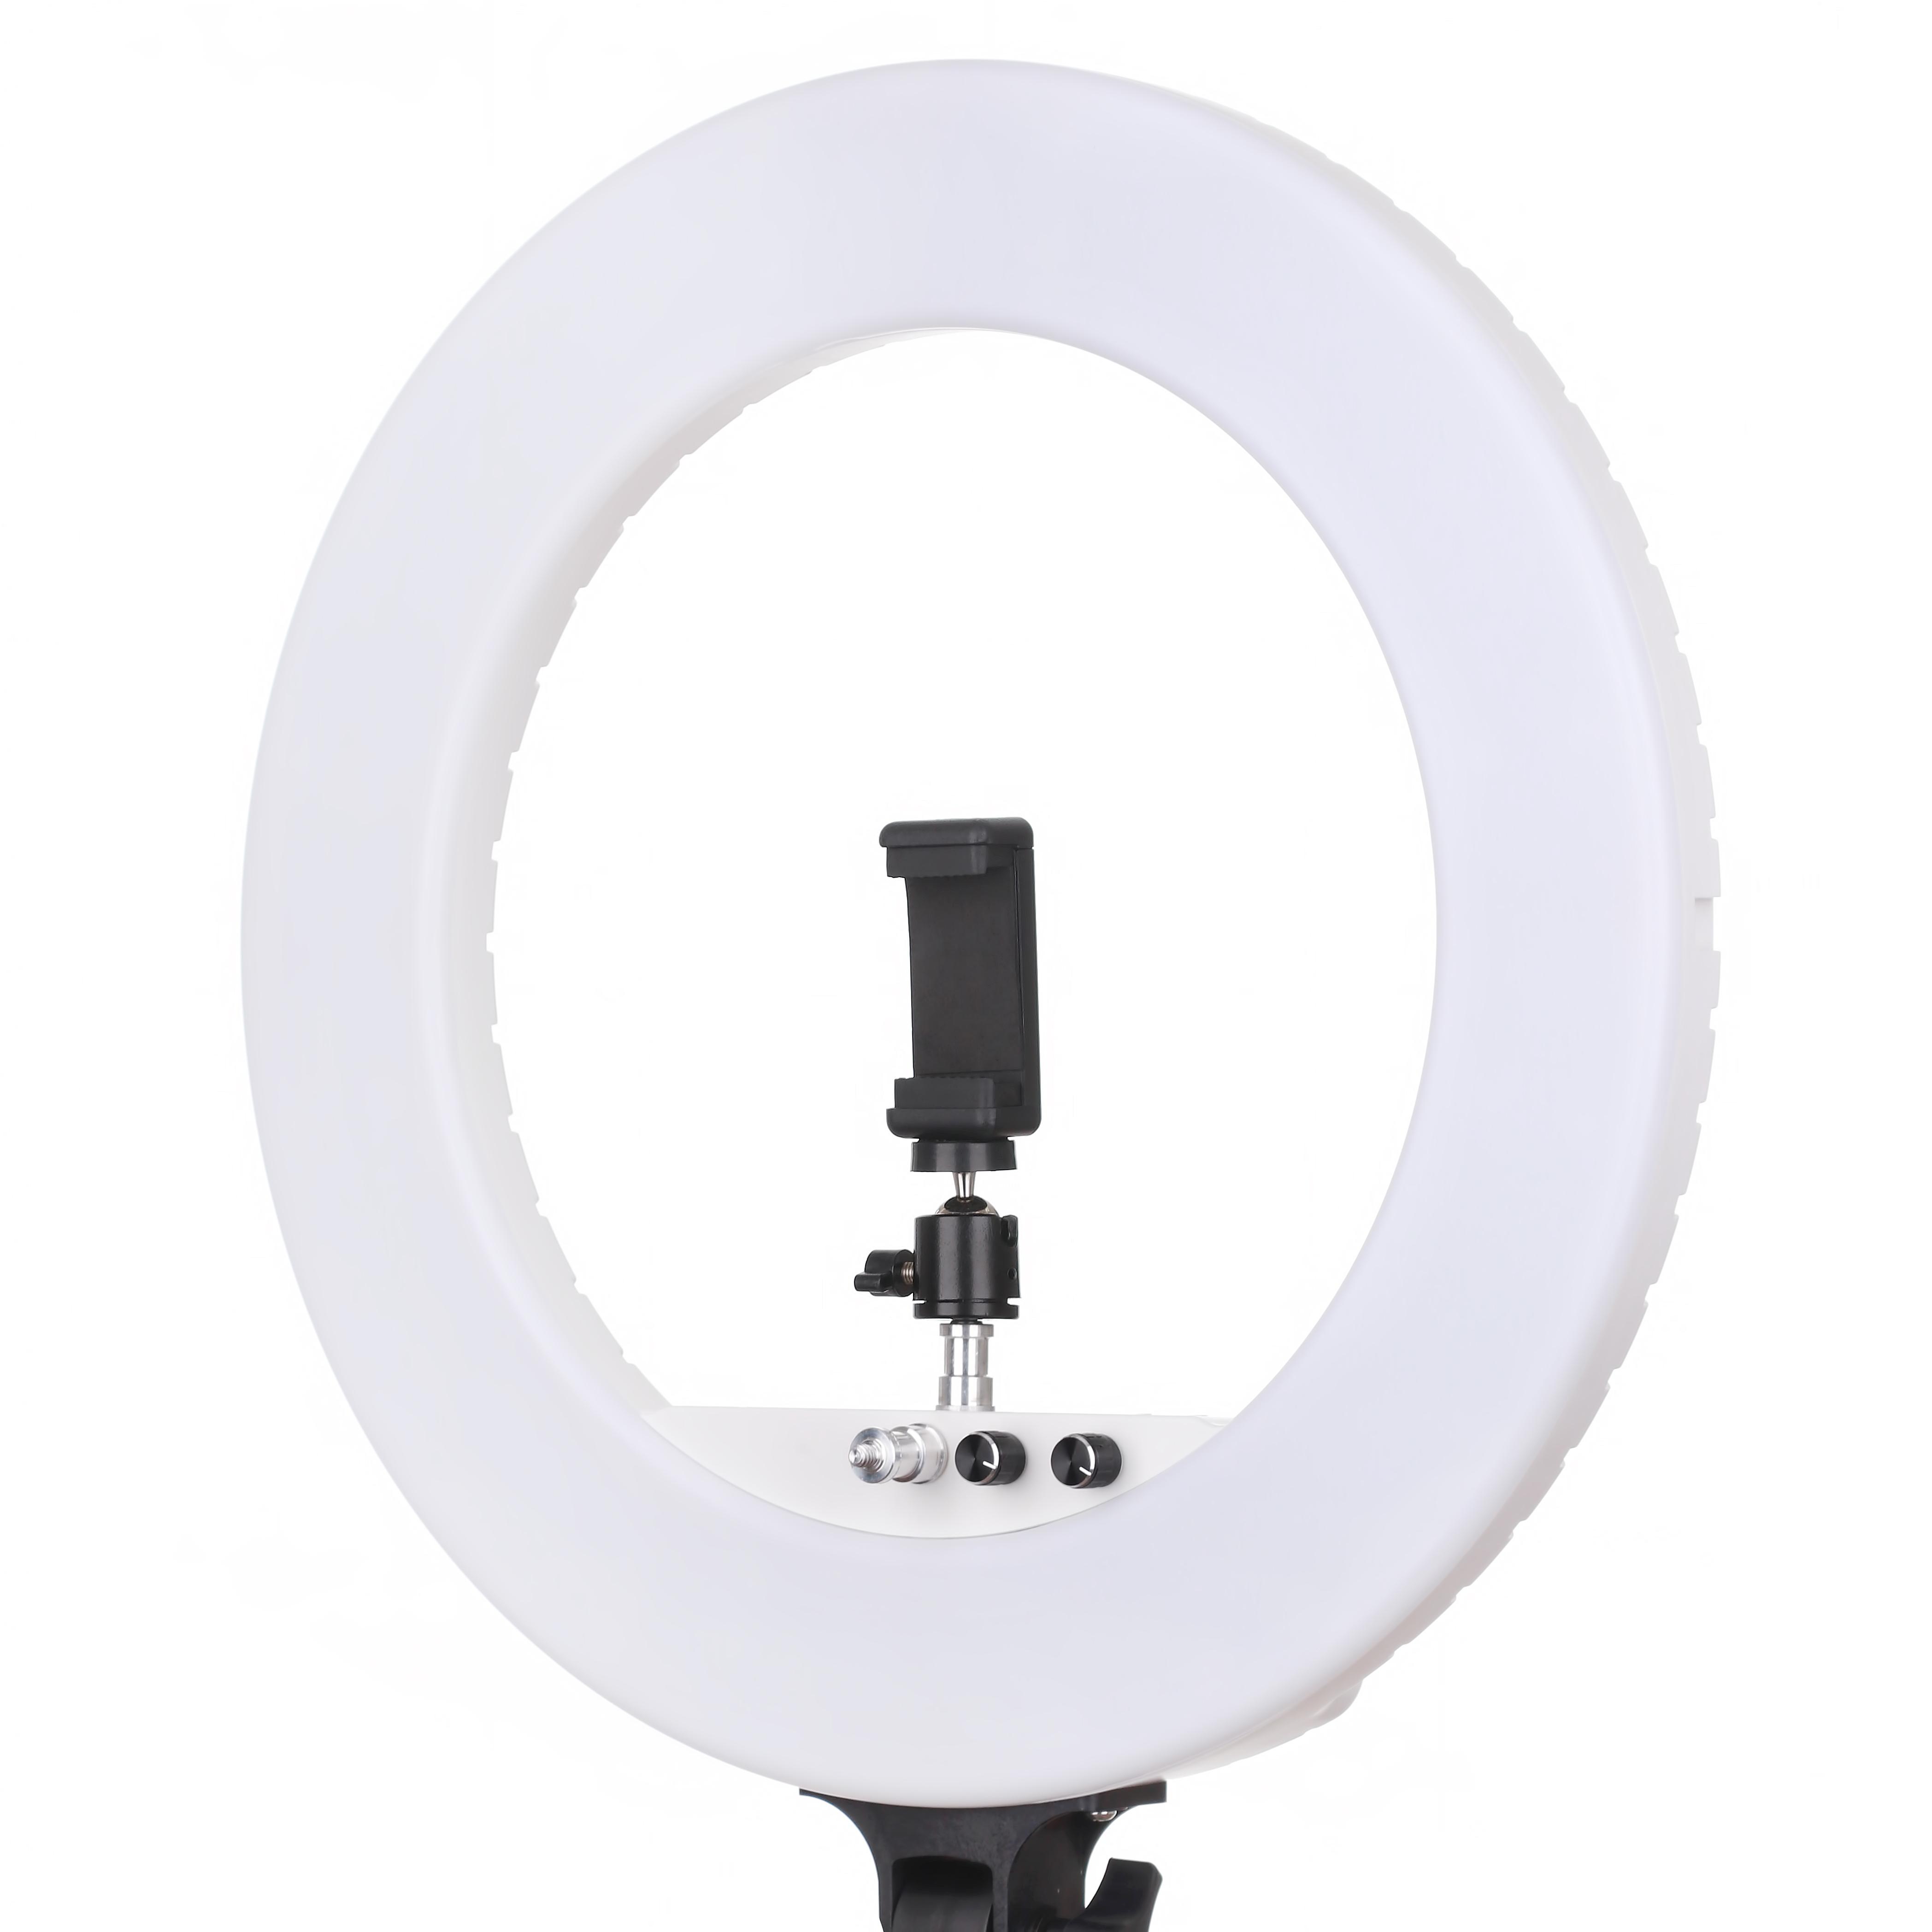 Профессиональная кольцевая лампа LUMO™ LF R-580   100 Ватт   диаметром 45 см. для фото, видеосъемки, блогеров, визажиста купить недорого в Украине (Киеве)